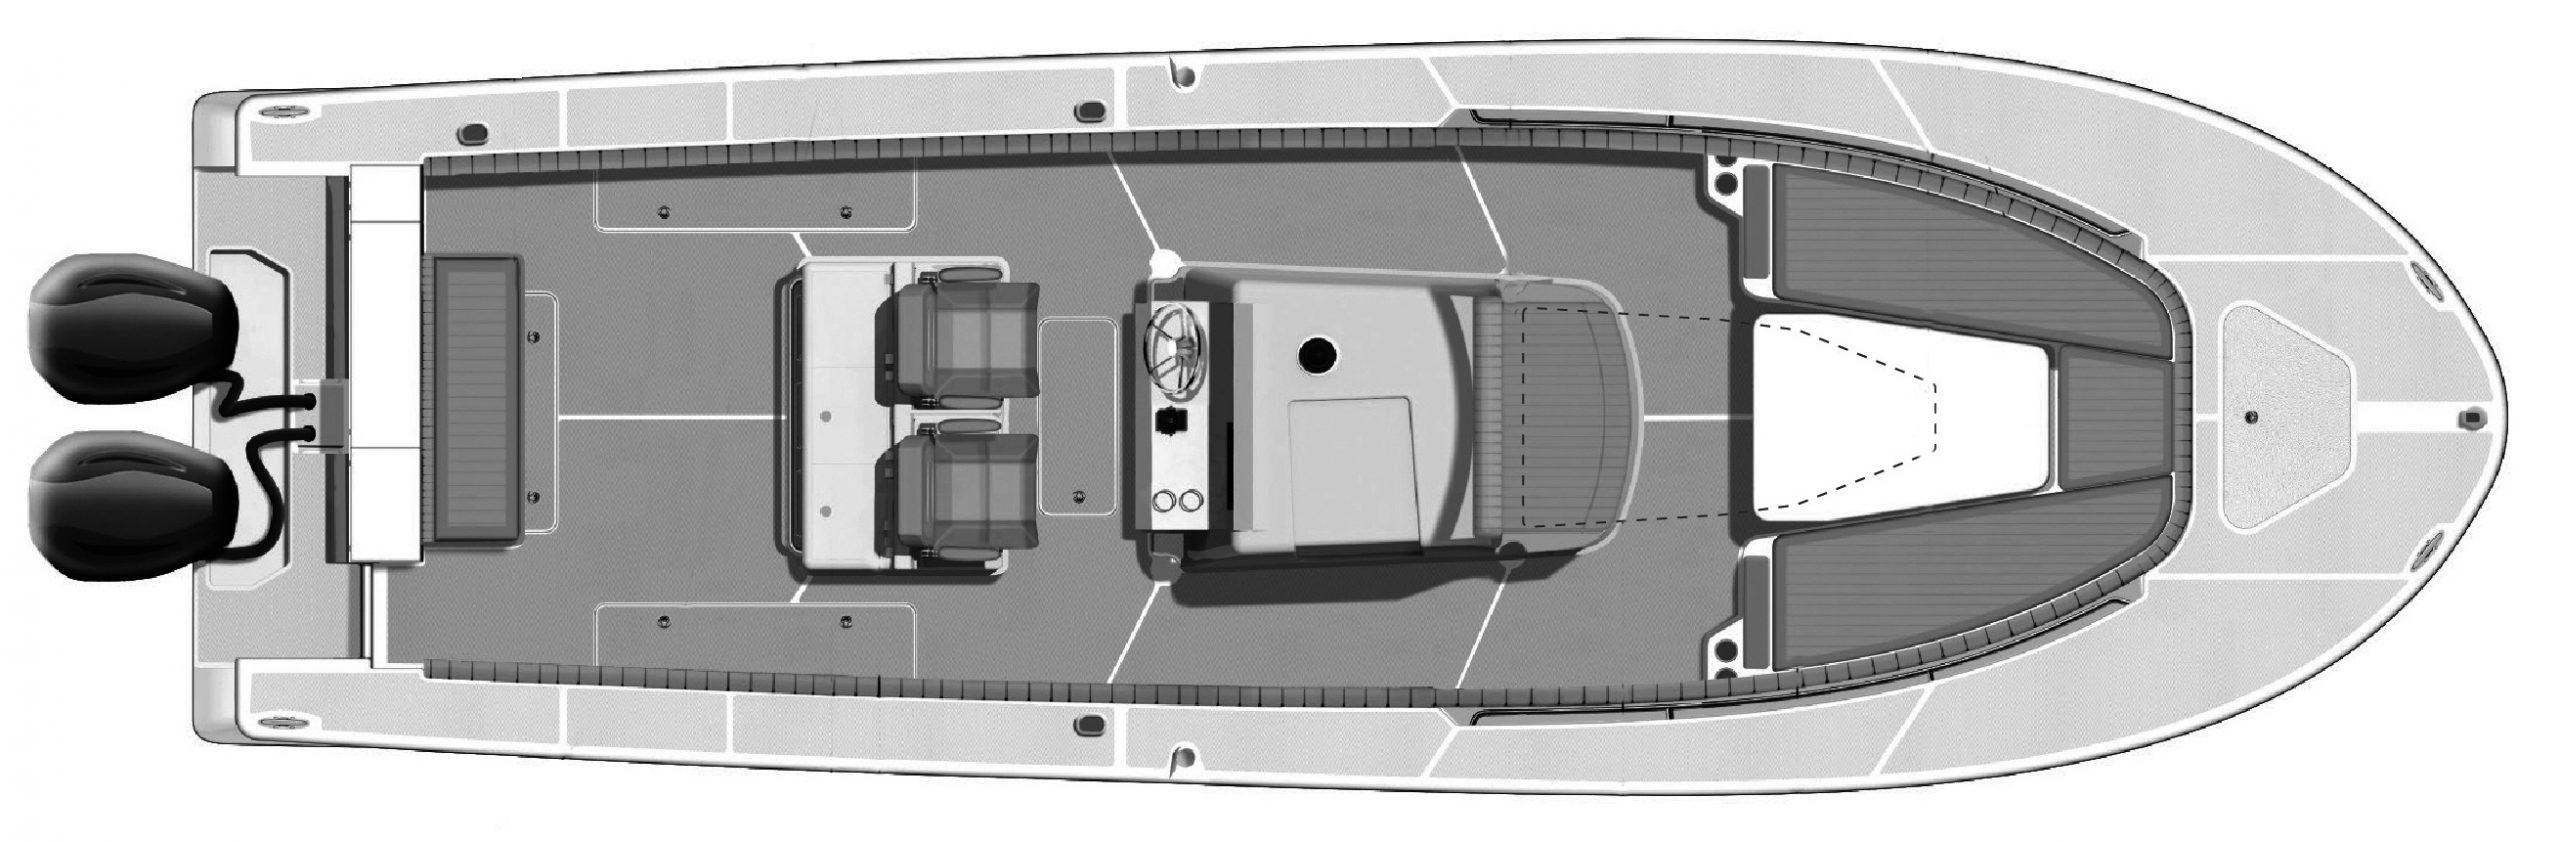 33 FE Floor Plan 1